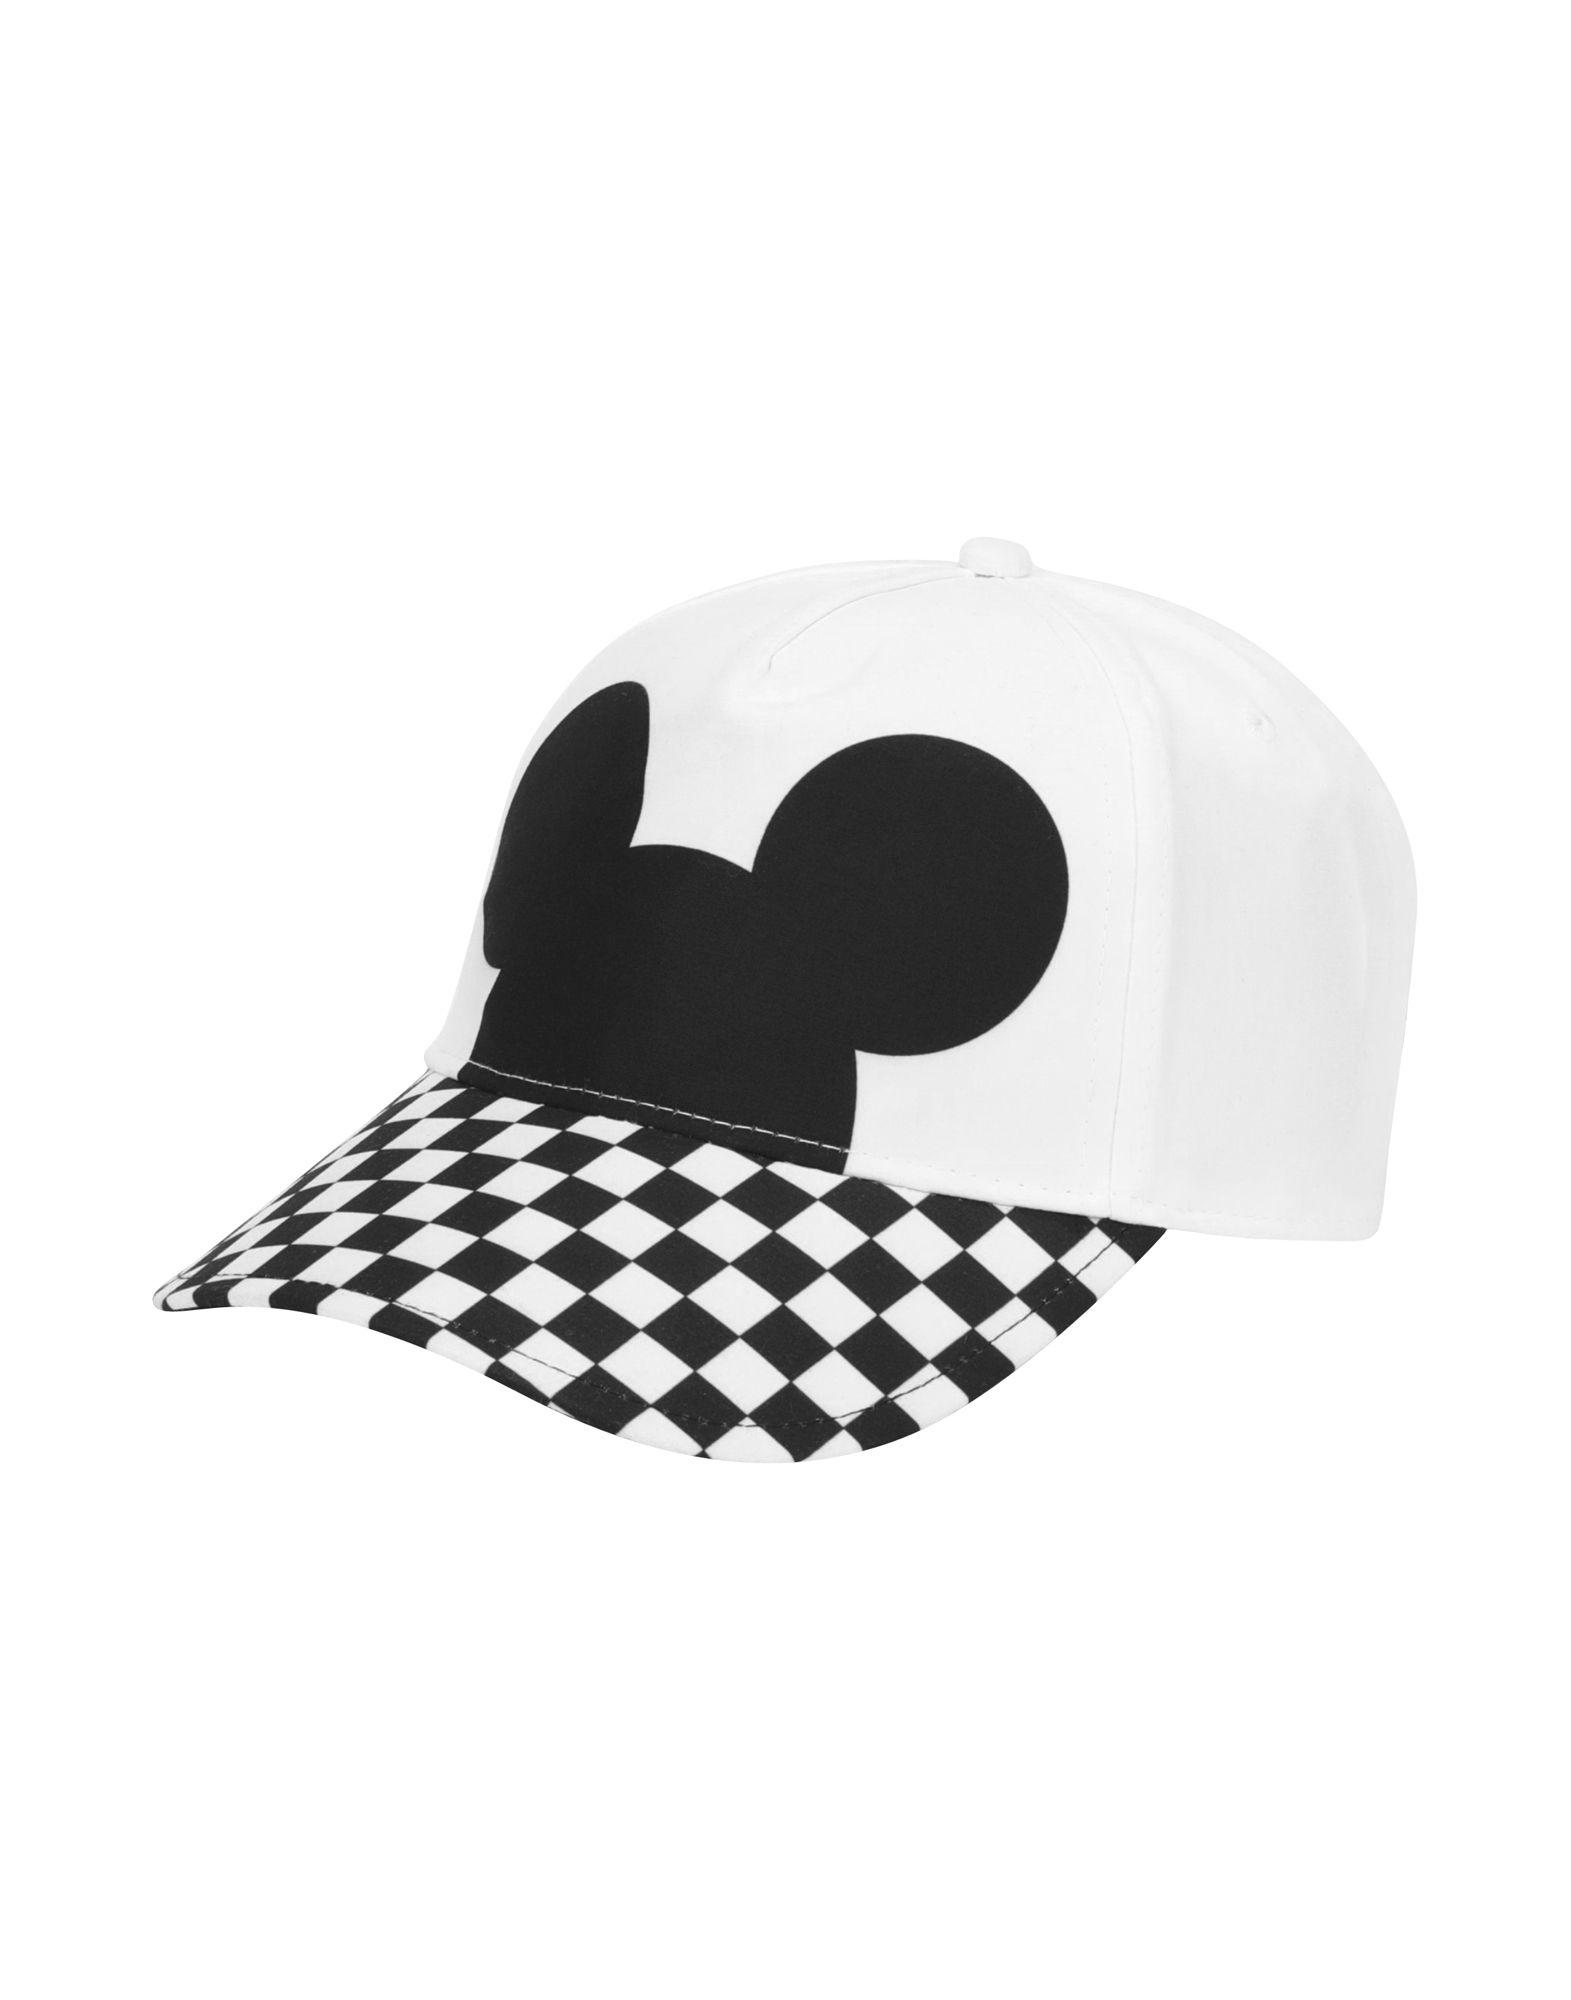 《送料無料》VANS メンズ 帽子 ホワイト one size ポリエステル 100% CHECKERBOARD MICKEY